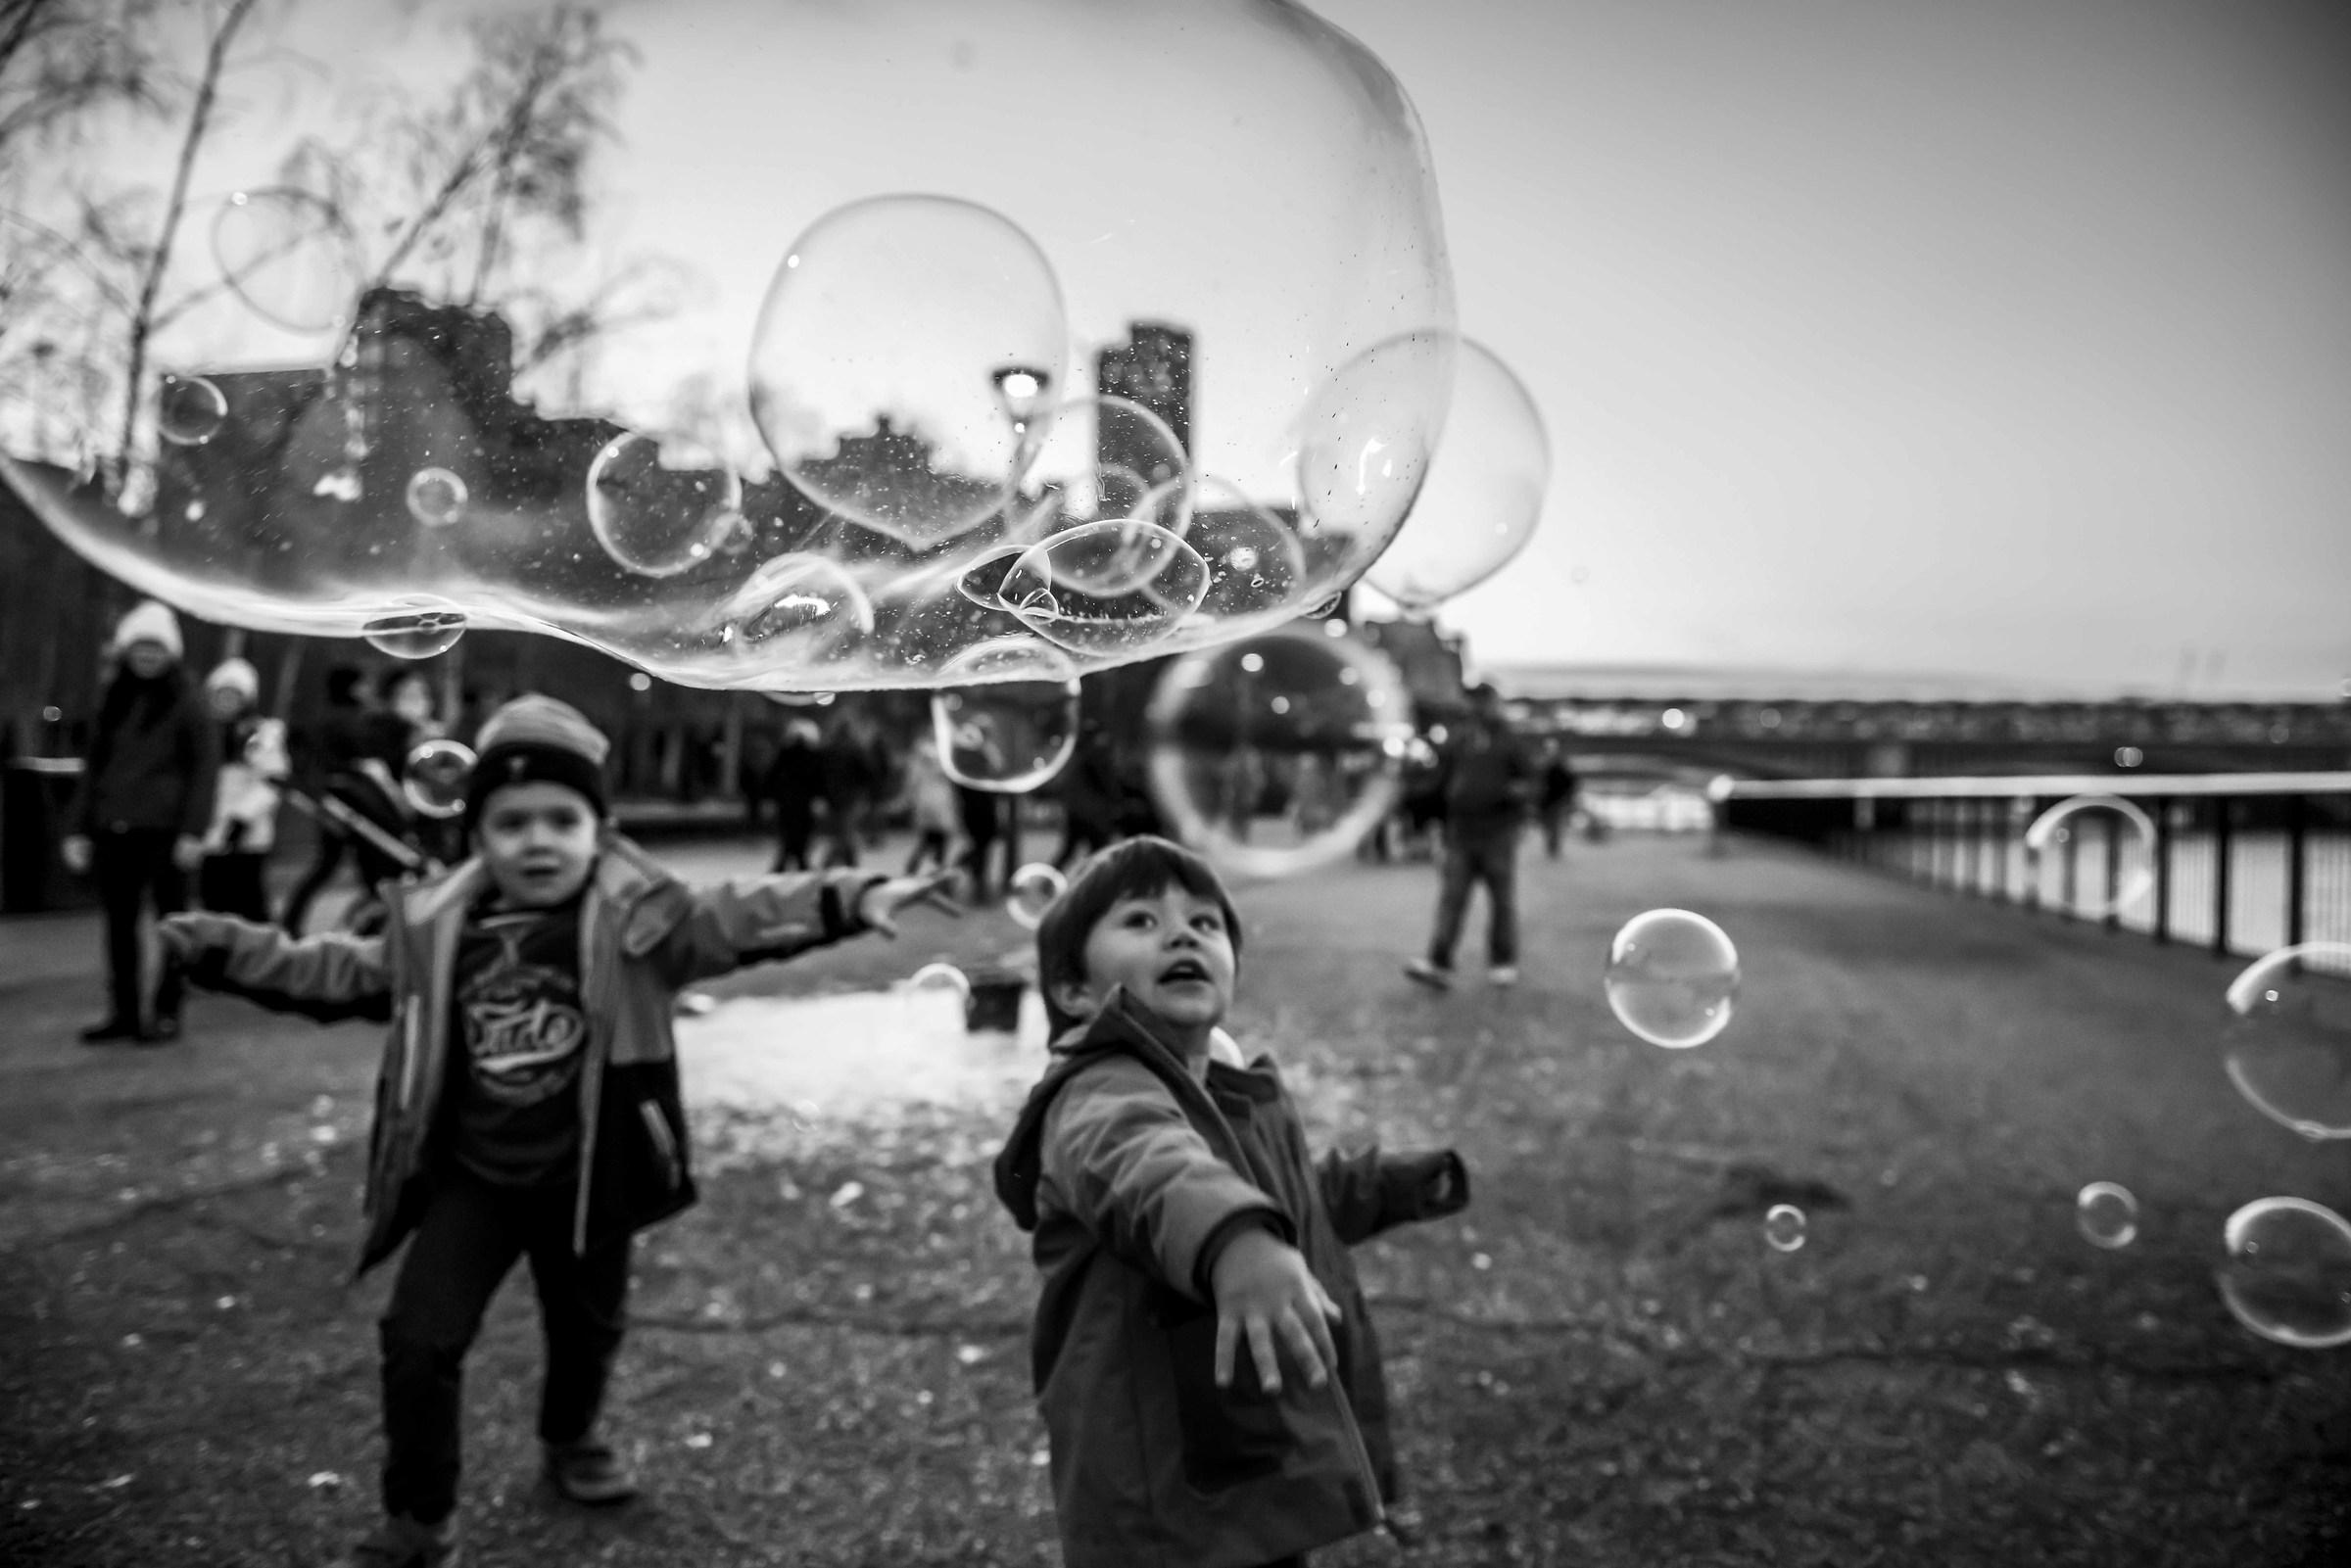 il mondo dei bambini è fragile come una bolla di sapone...